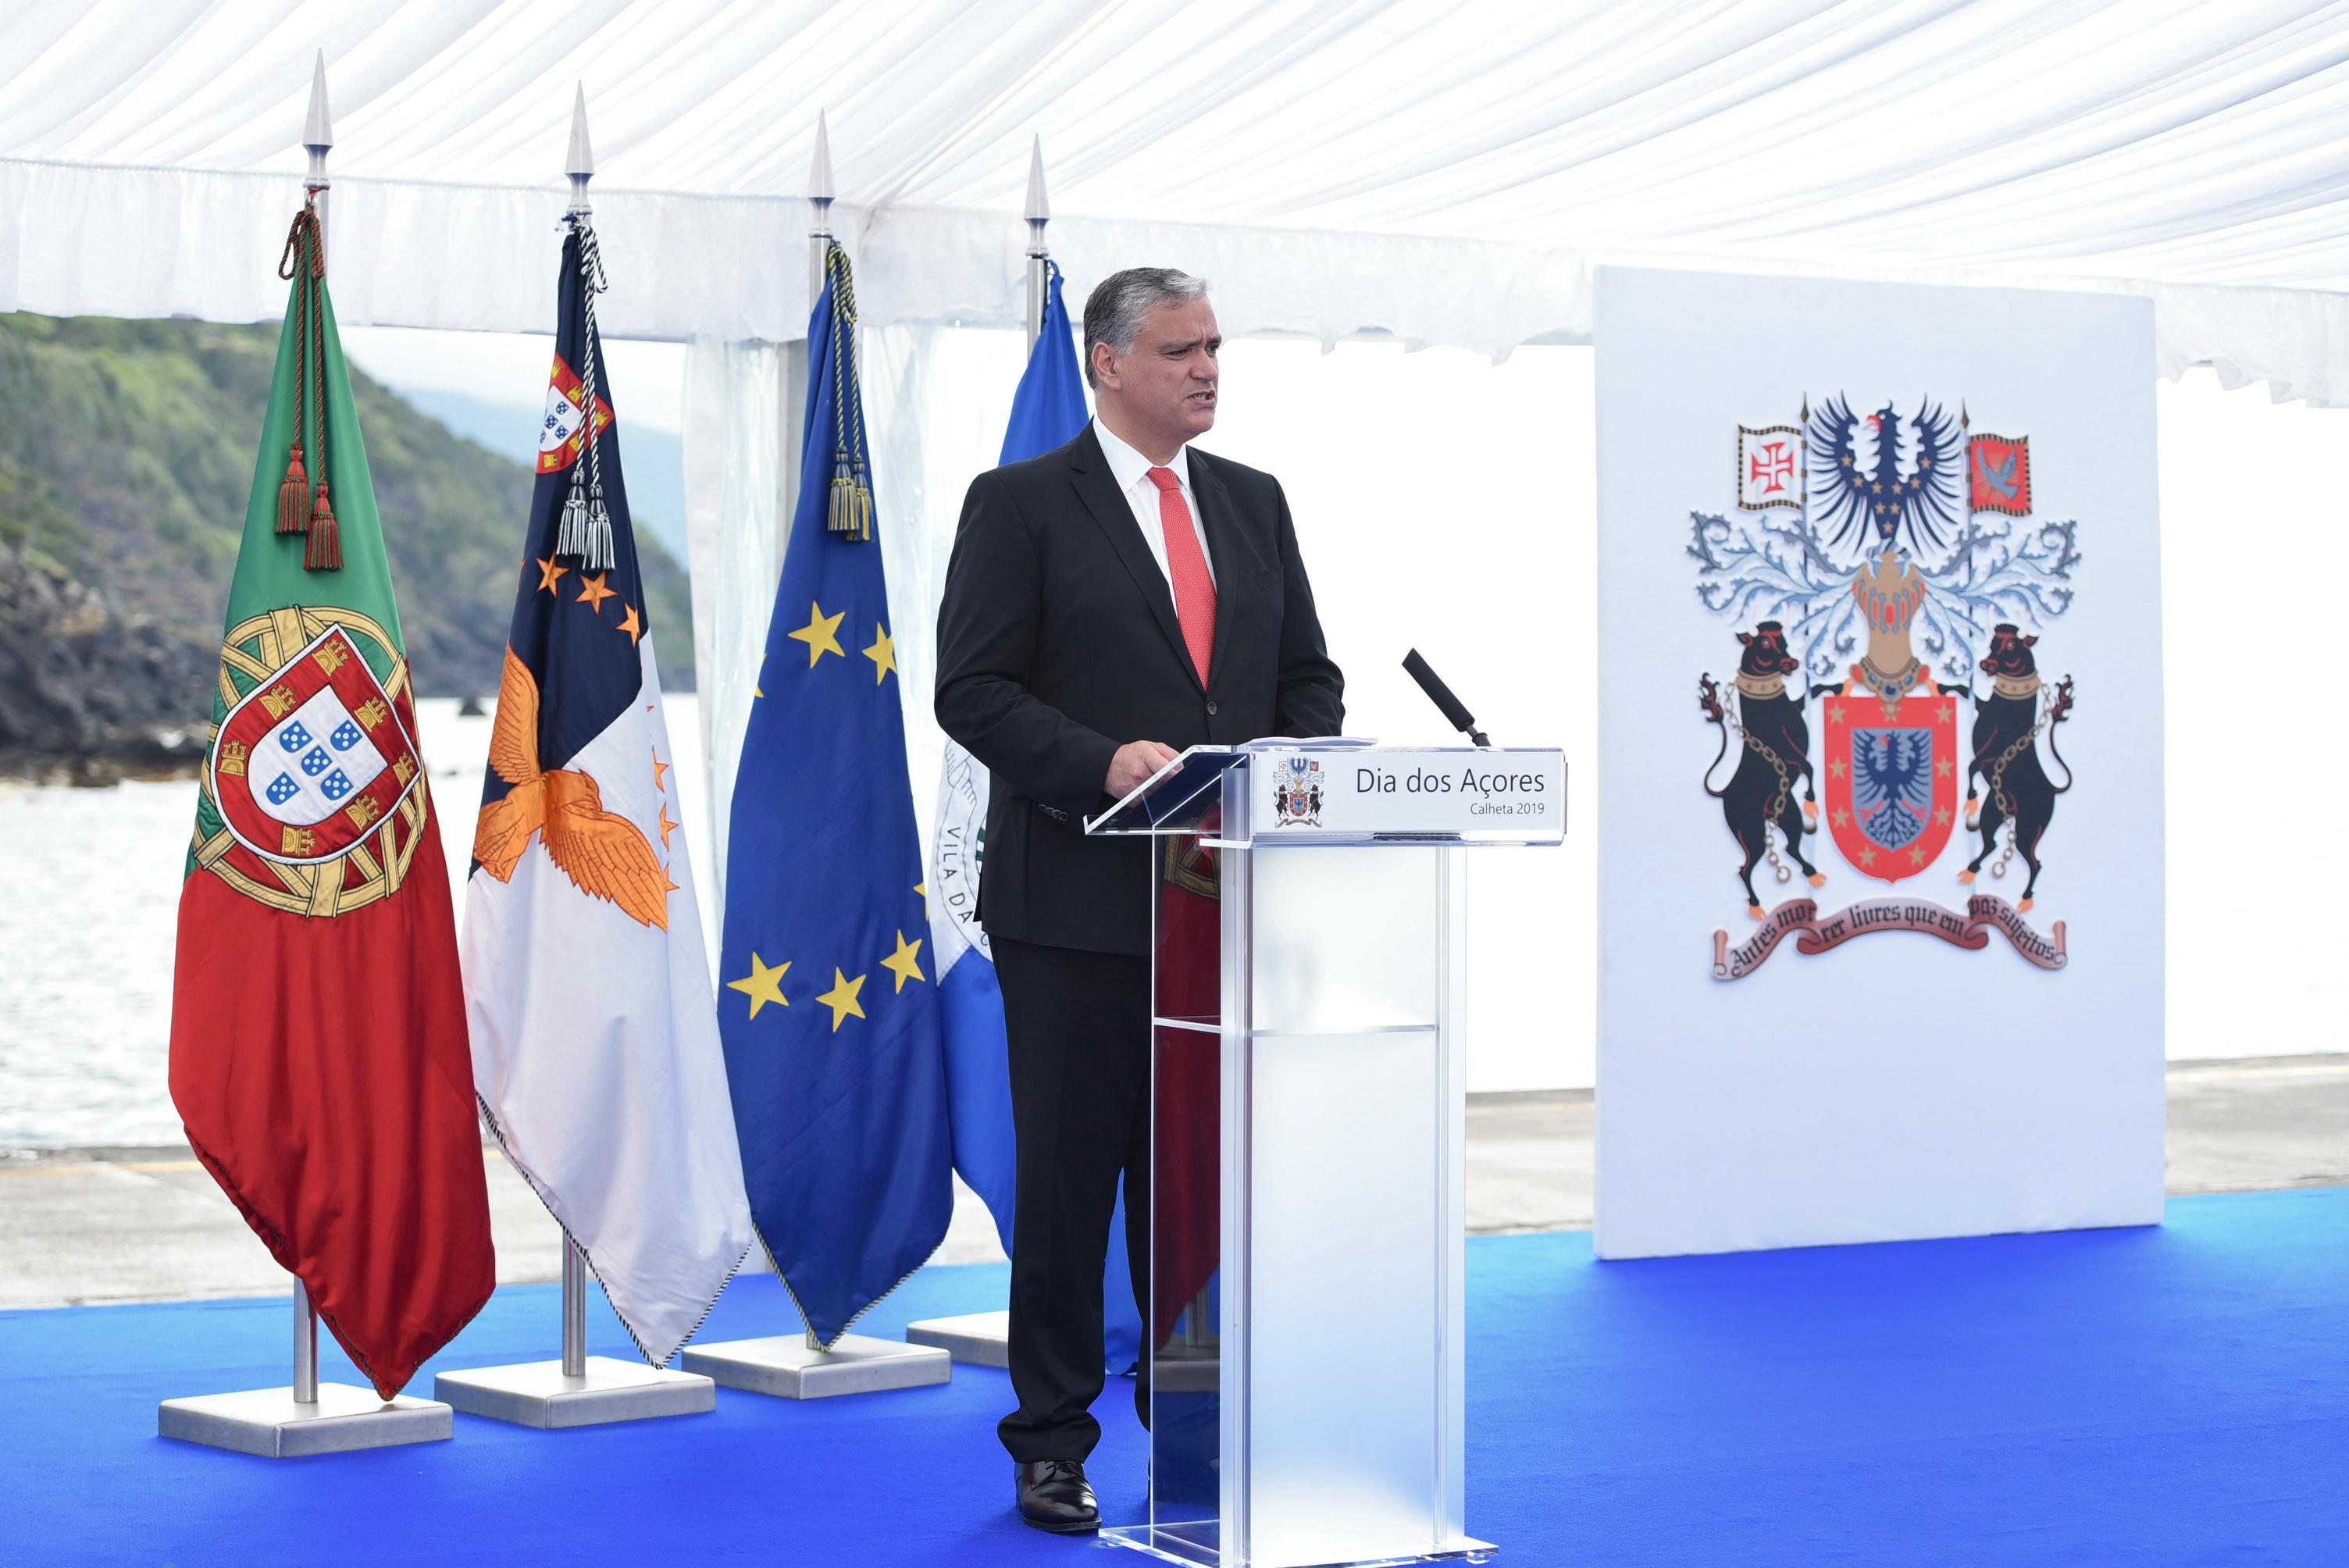 Dia da Região 2019 - Discurso de Sua Excelência o Presidente do Governo Regional dos Açores